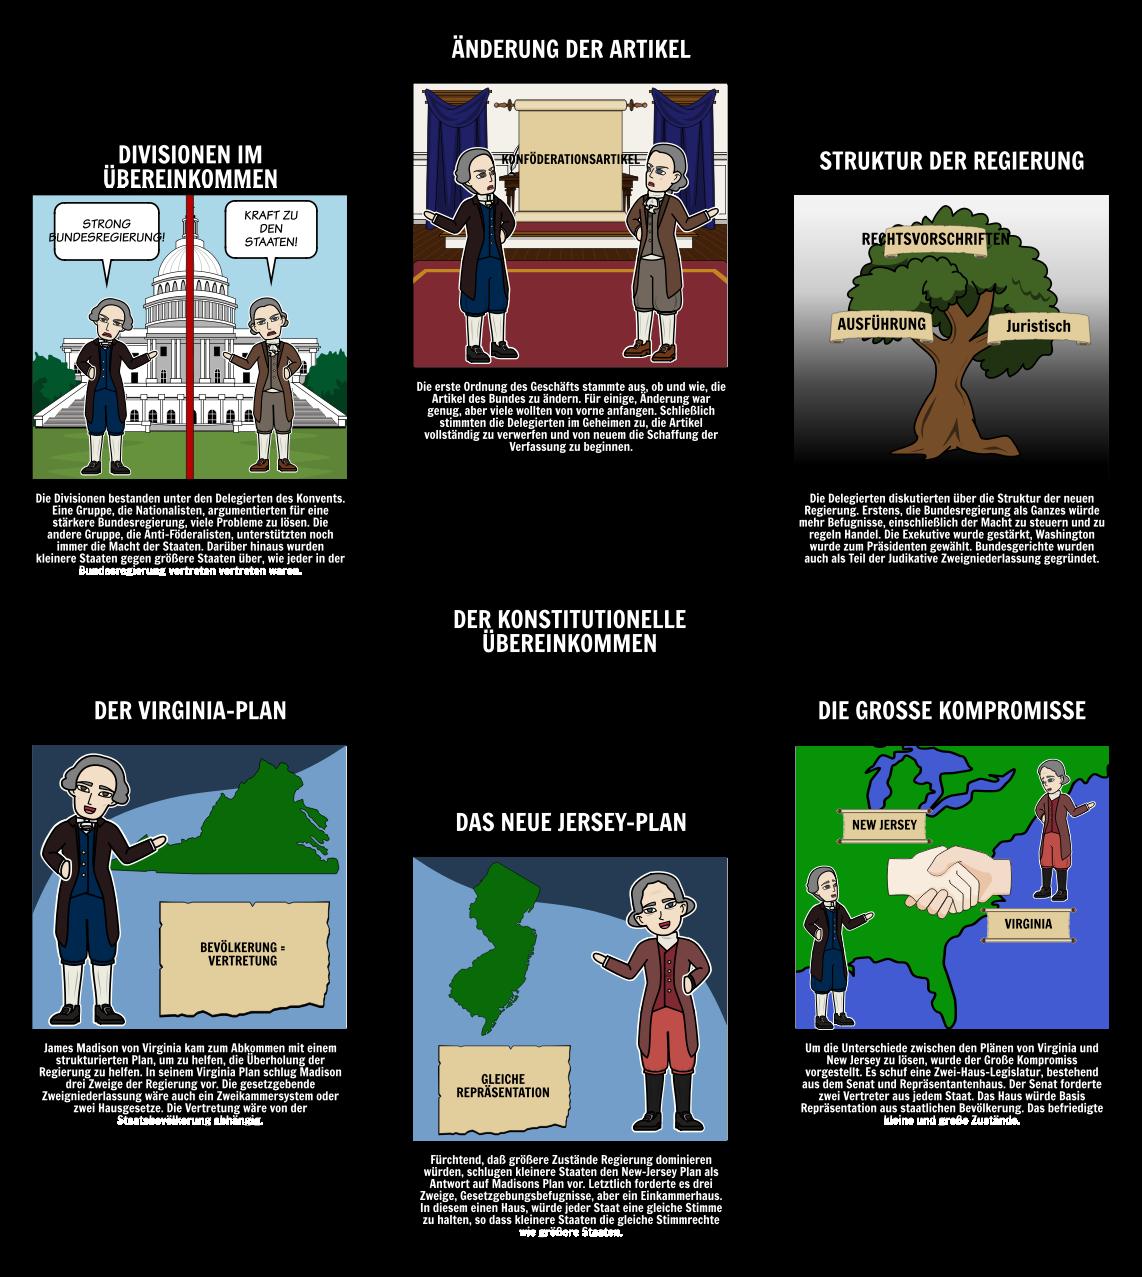 Föderalismus - Die Verfassungskonvention